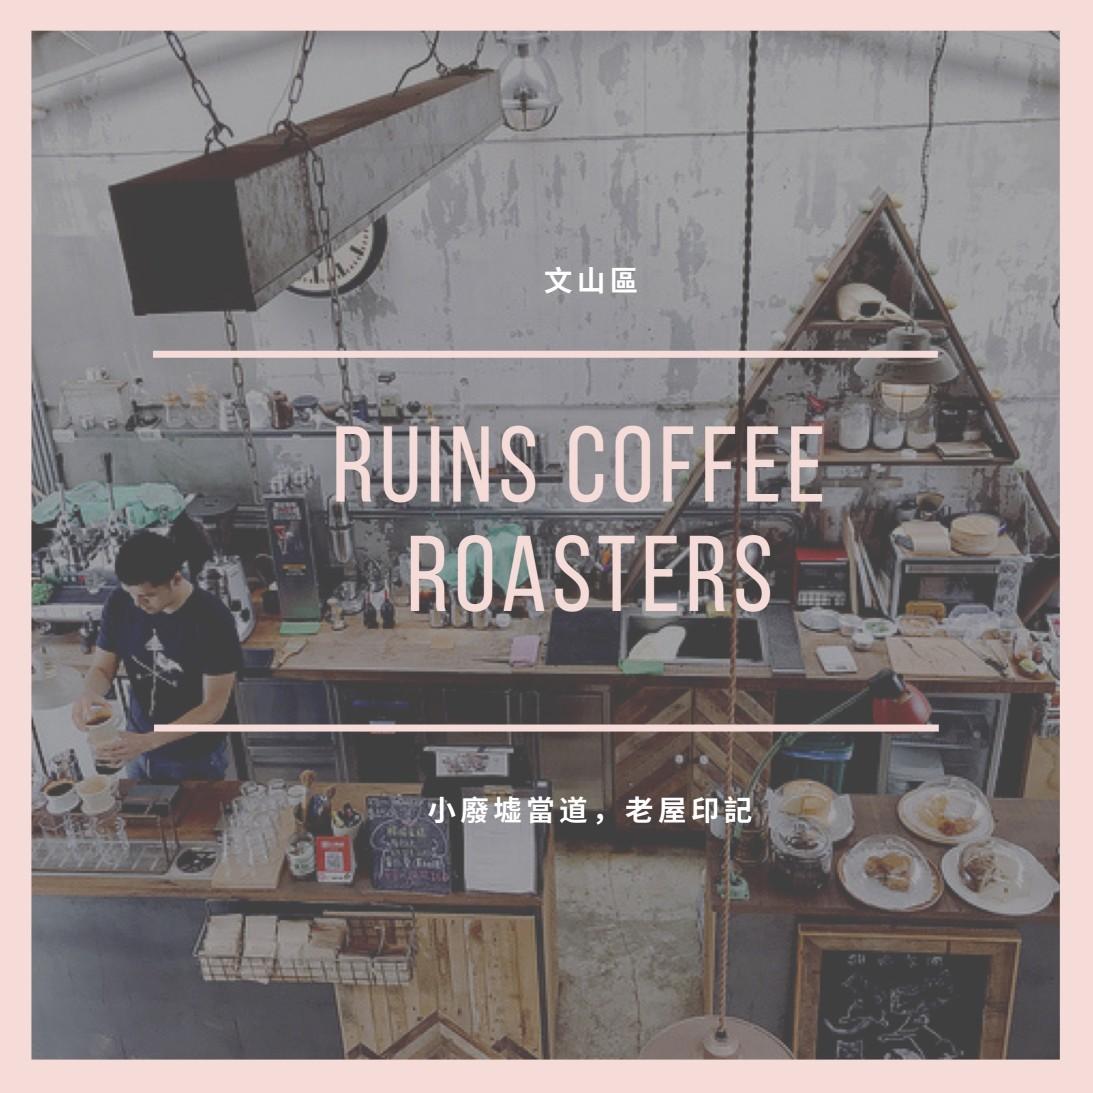 【文山區Ruins Coffee Roasters】小廢墟當道,裝滿老屋翻身印記的咖啡店